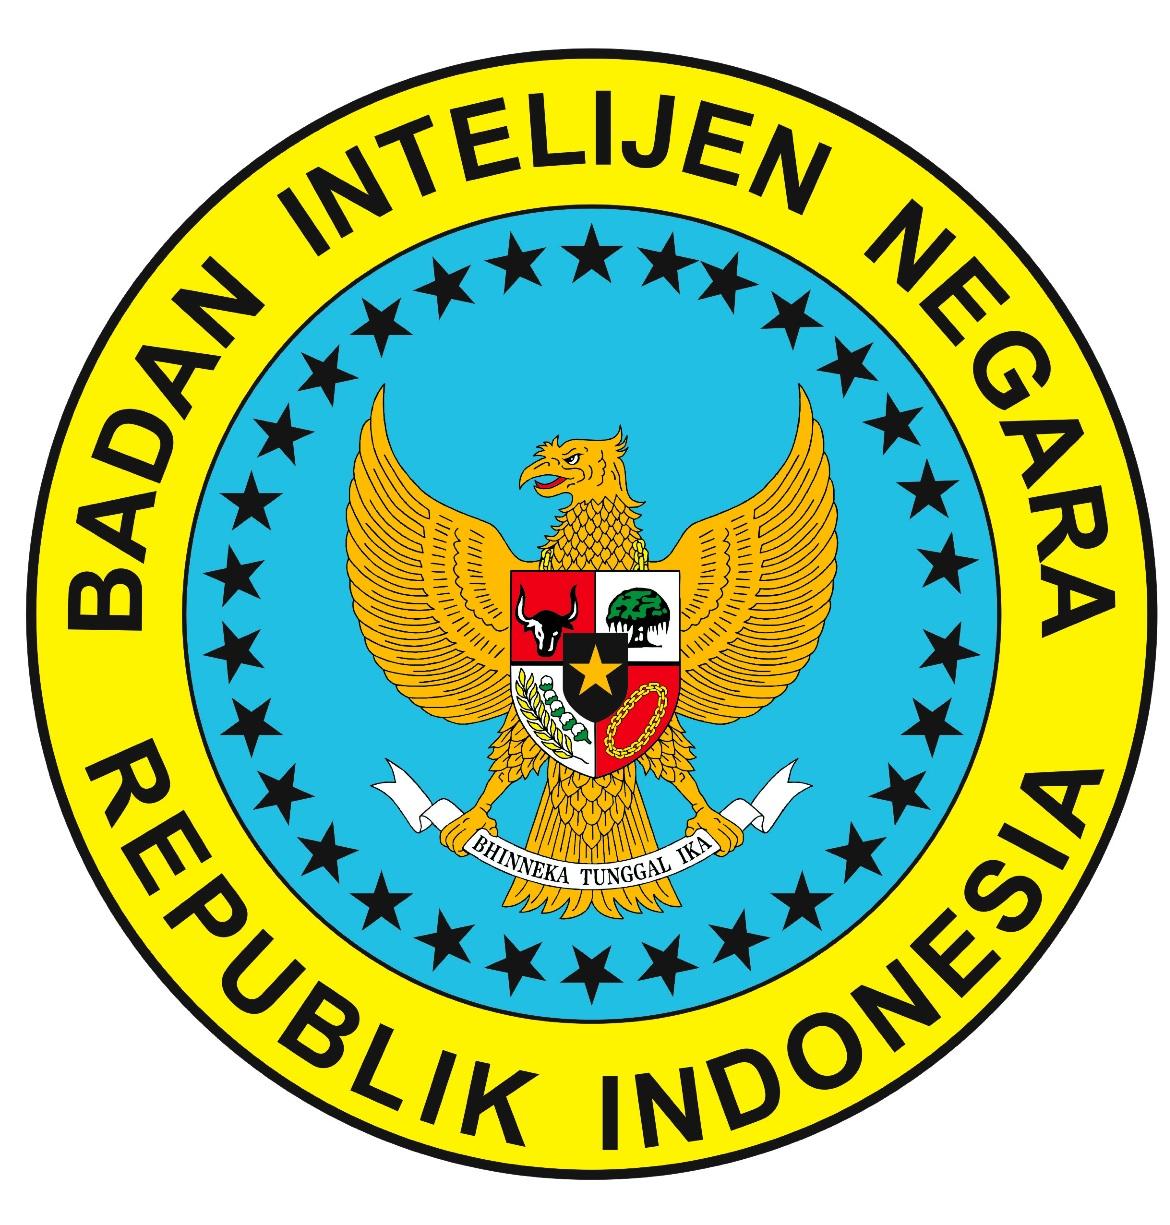 Lowongan Cpns Di Kejaksaan Lowongan Cpns Bkn Badan Kepegawaian Negara Terbaru Lowongan Kerja Cpns Di Badan Intelijen Negara Tahun 2012 2013